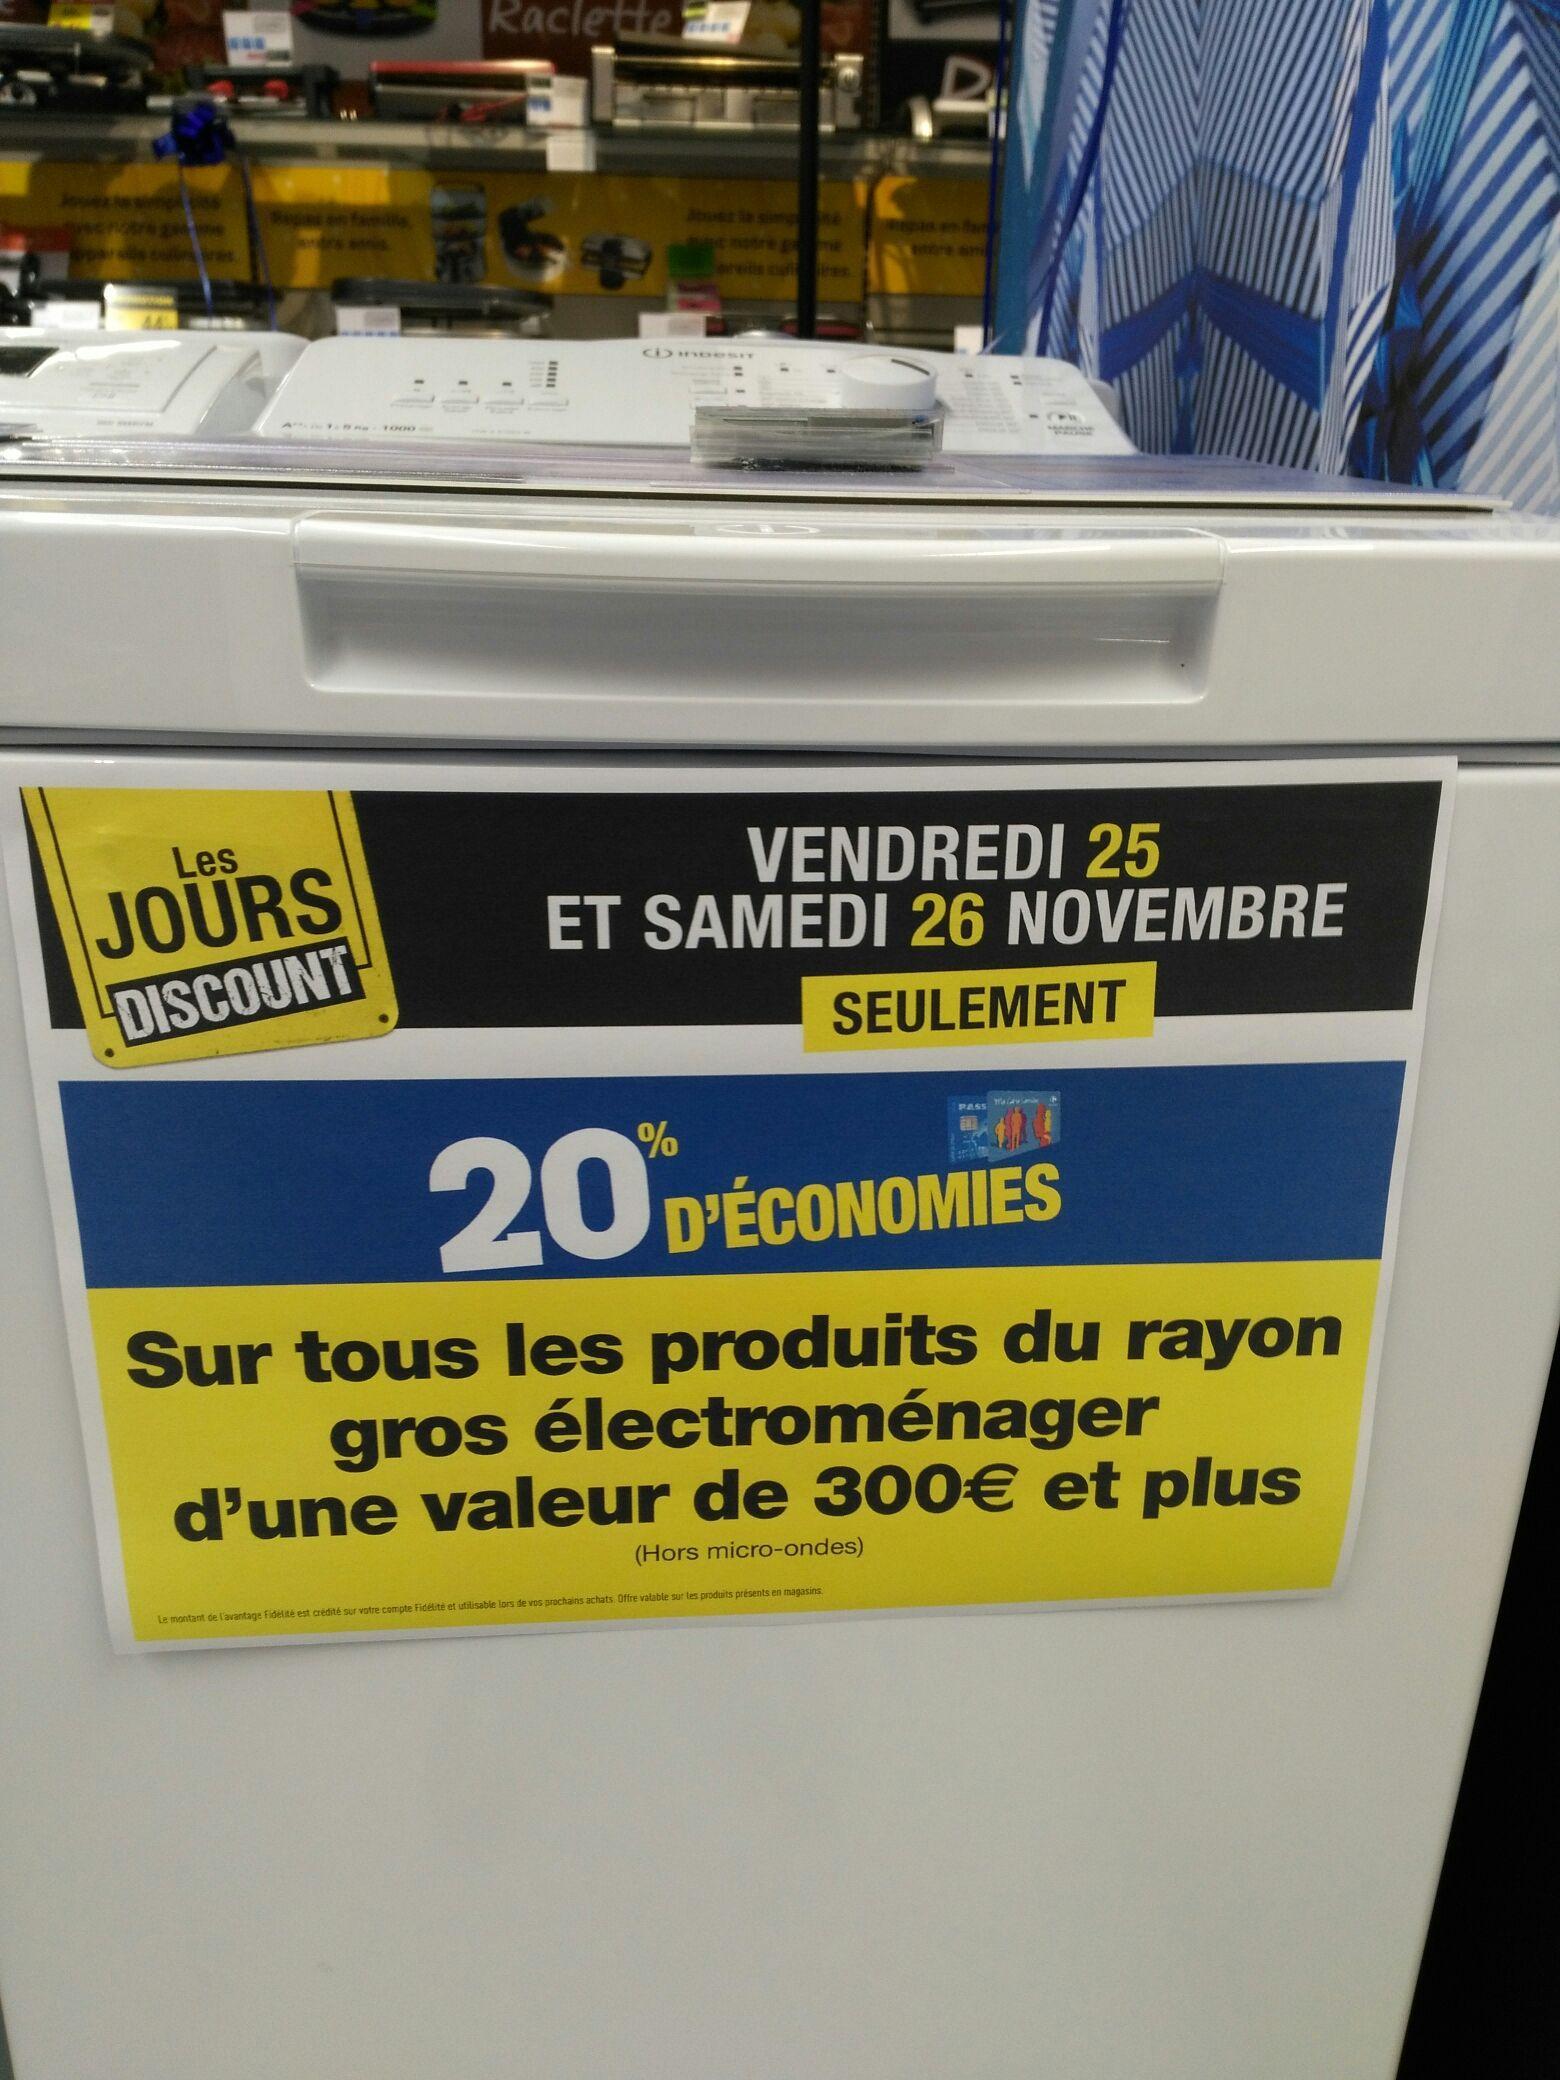 20% crédités sur la carte de fidélité sur le gros électroménager dès 300€ d'achats